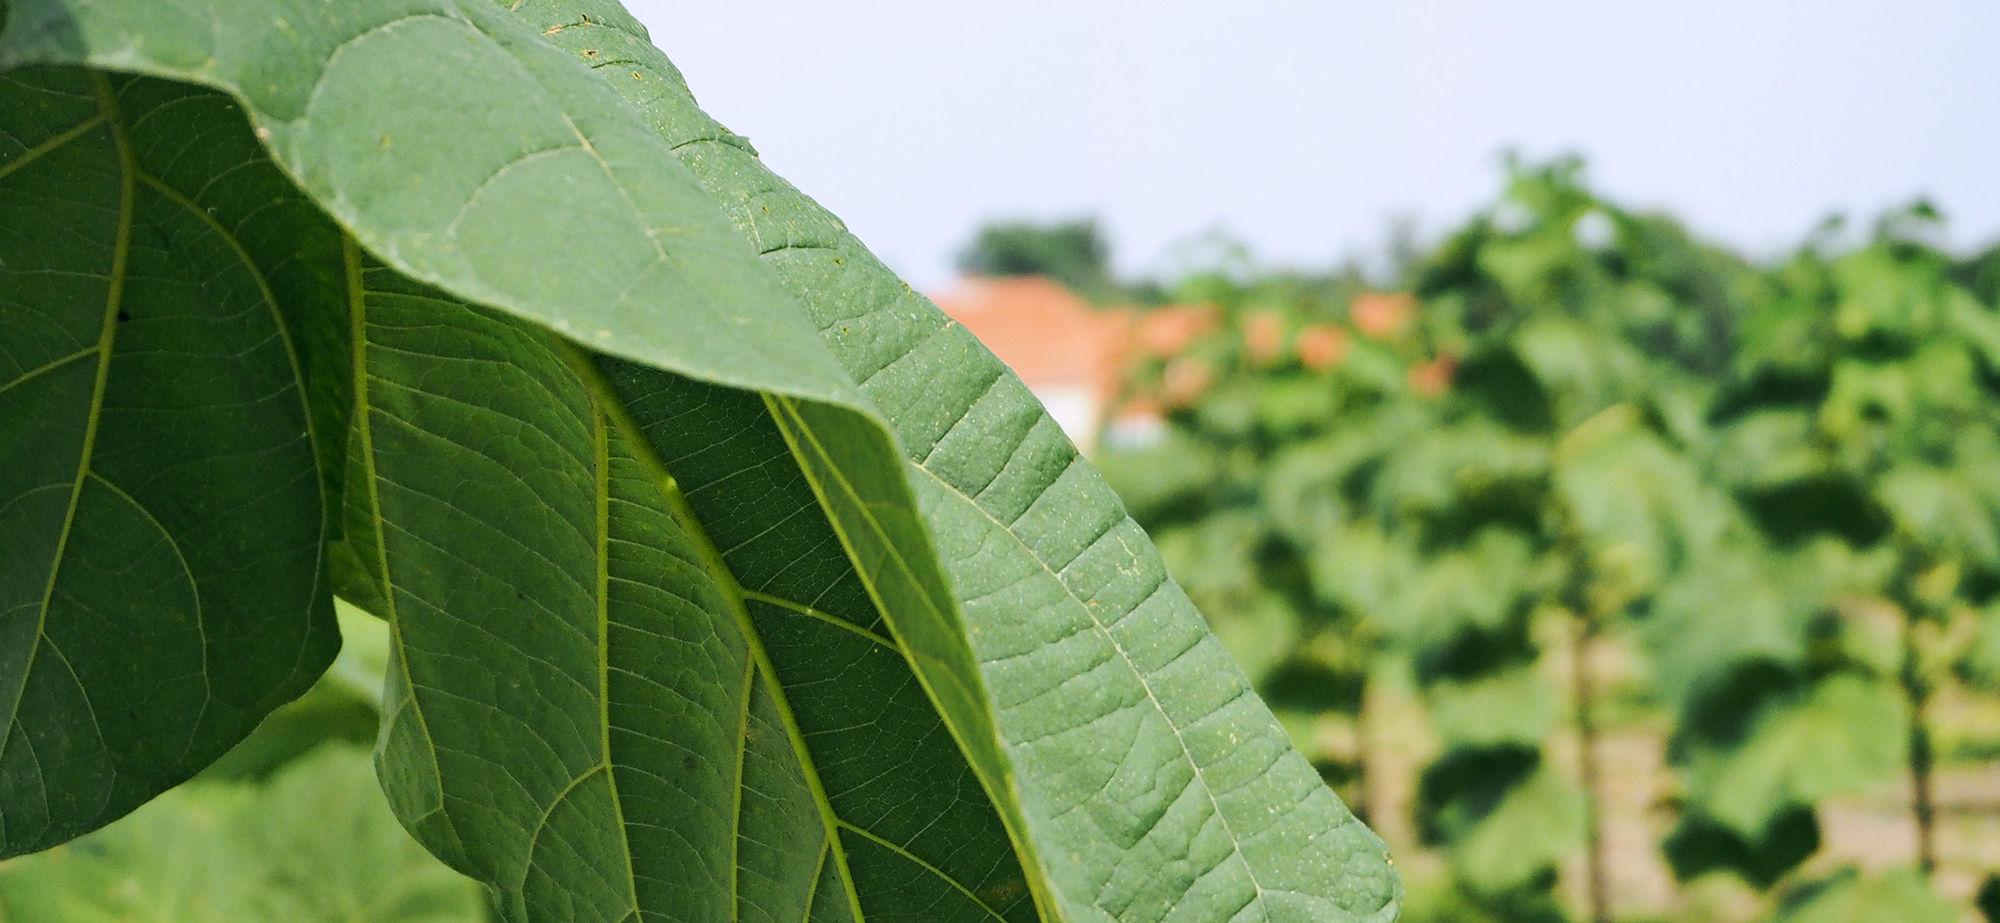 oxytree-lisc-drzew-szybko-rosnacych